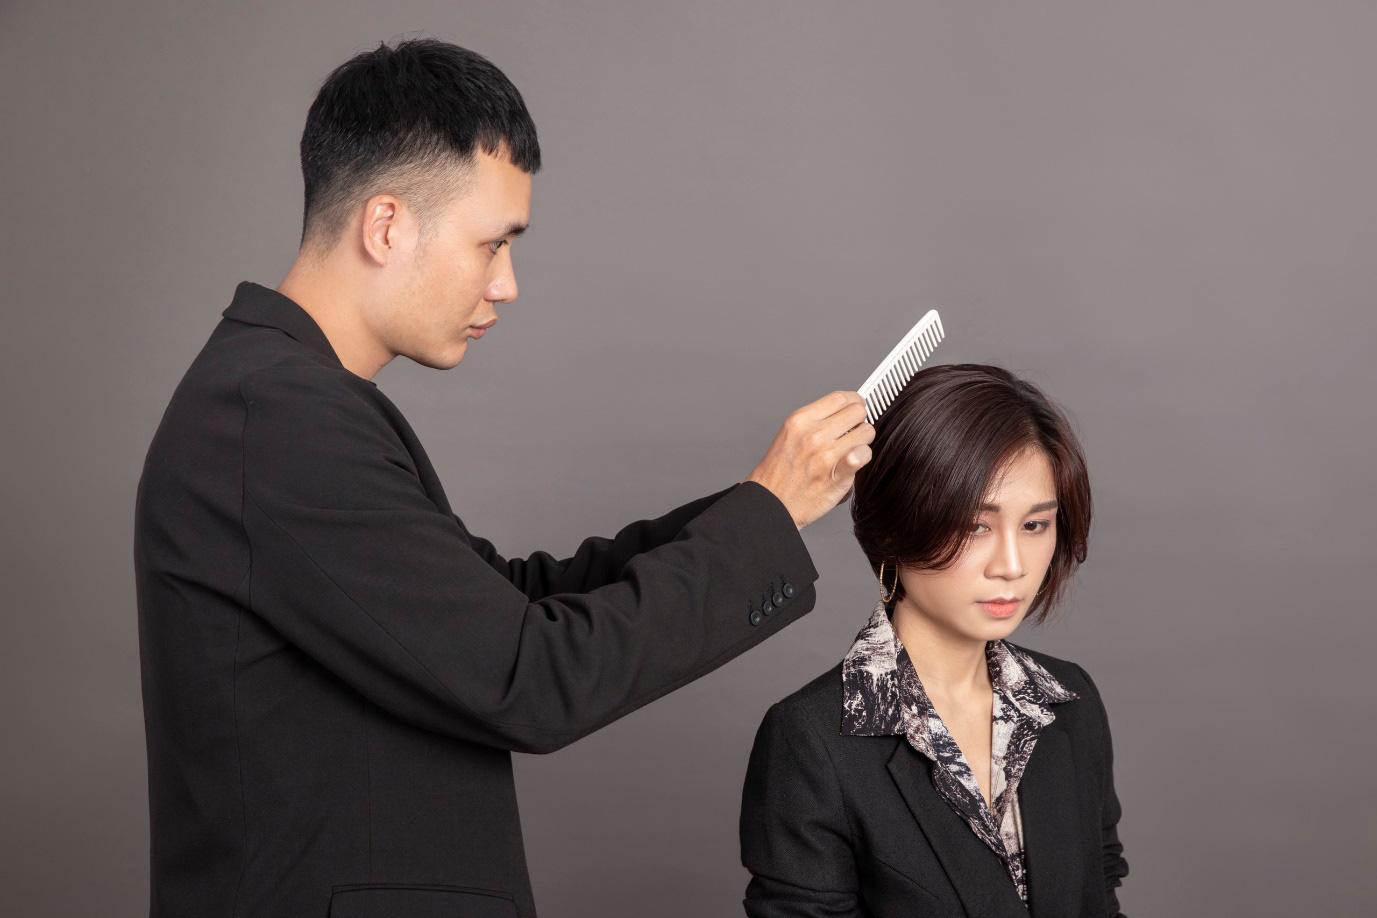 Ateko hair Academy - nơi sở hữu đường kéo sạch hàng đầu Việt Nam - Ảnh 5.